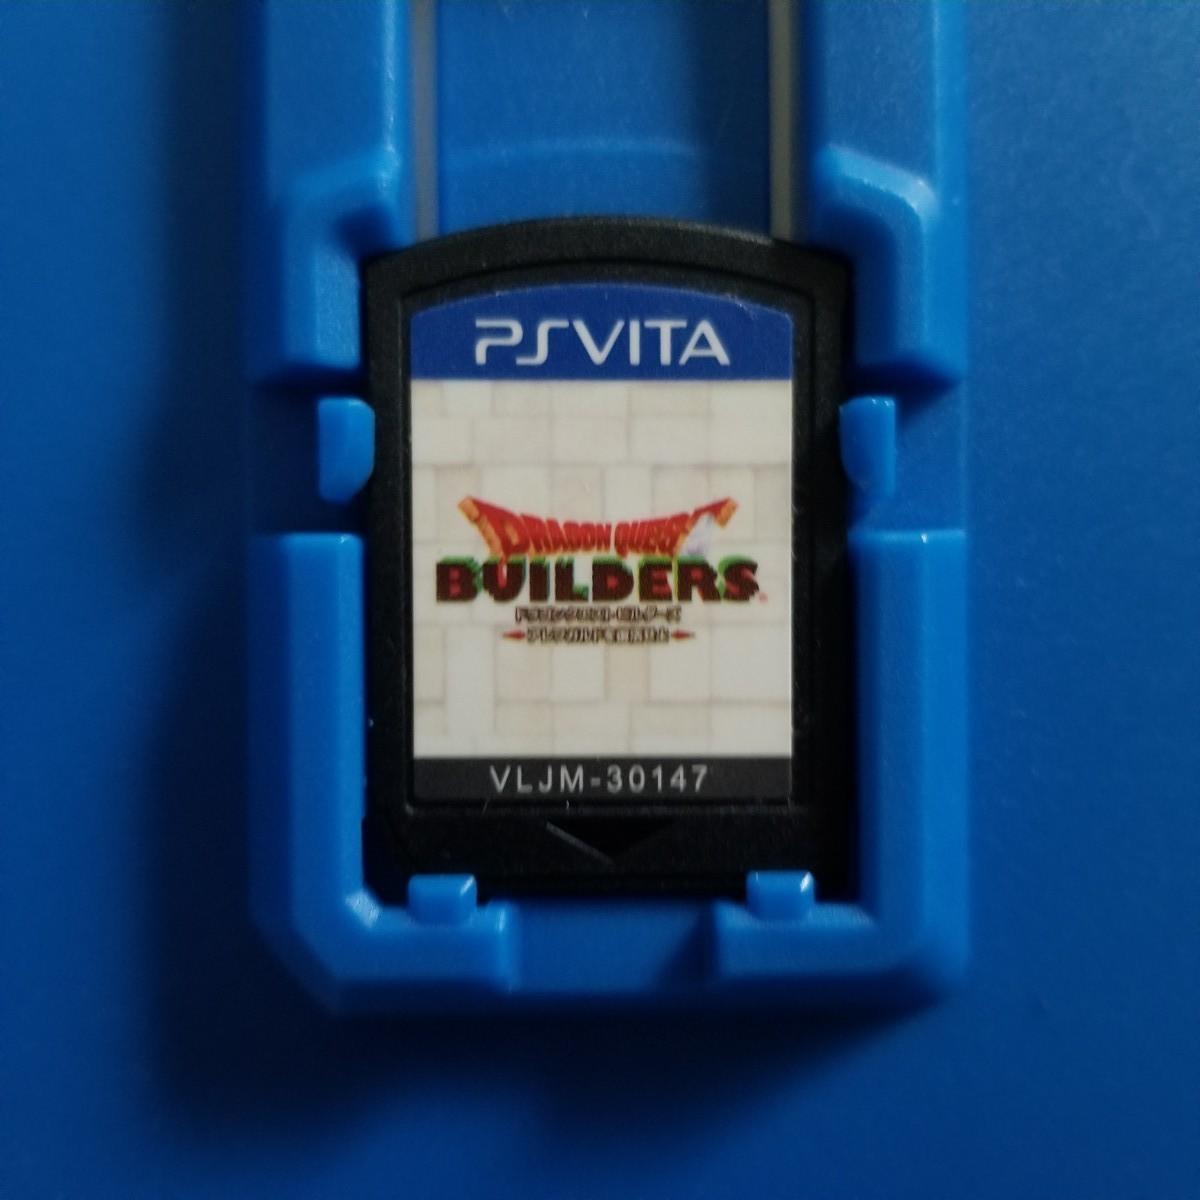 【PS Vita】ドラゴンクエストビルダーズ ~ アレフガルドを復活せよ~